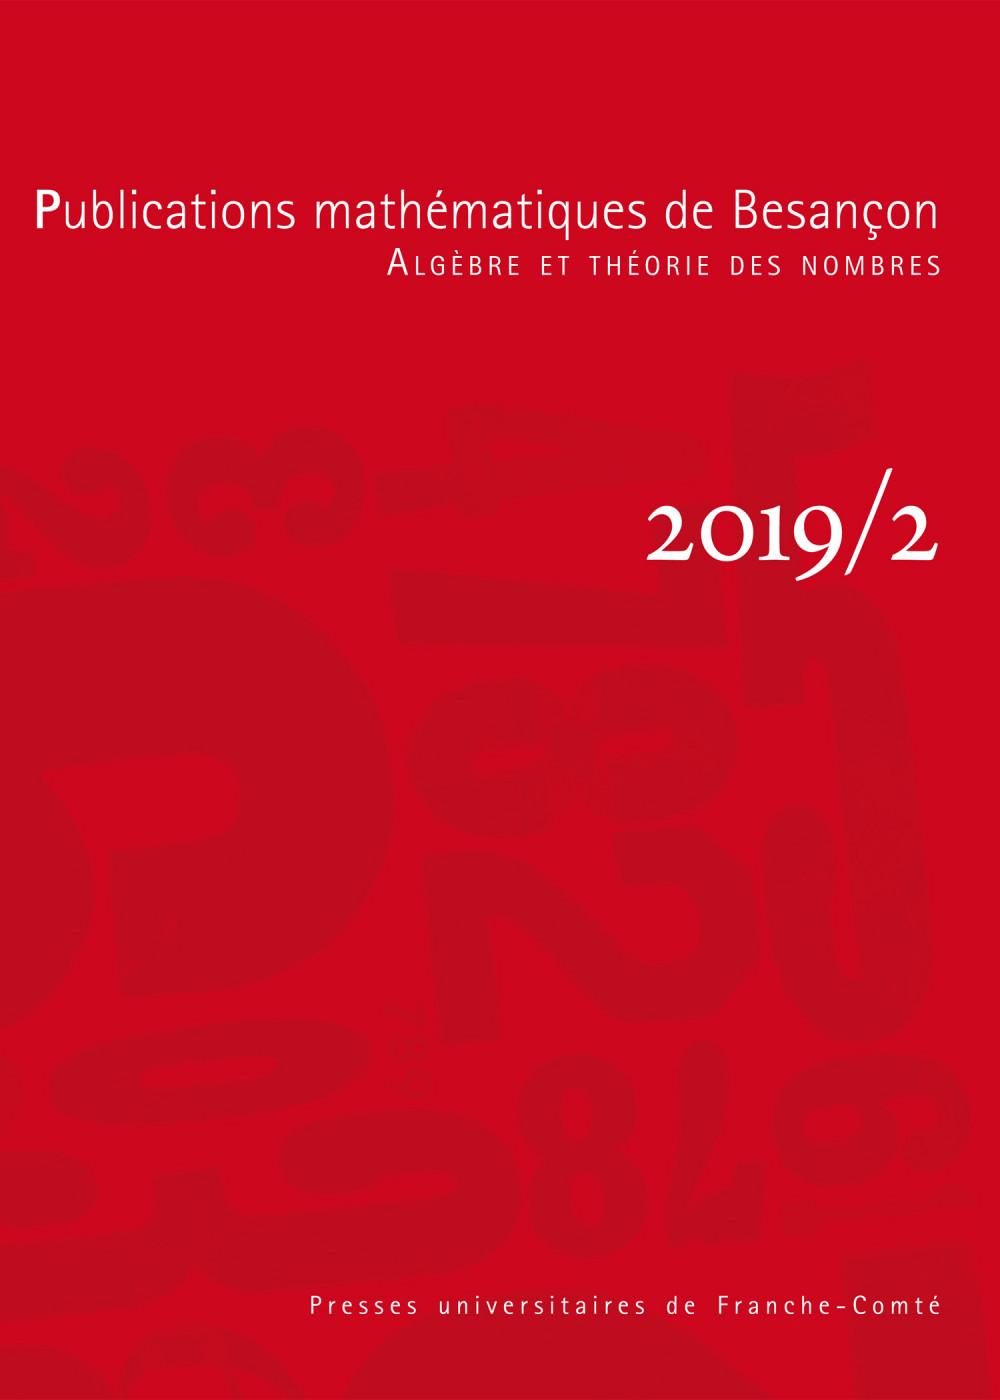 Publications mathématiques de Besançon - Algèbre et théorie des nombres - numéro 2019/2